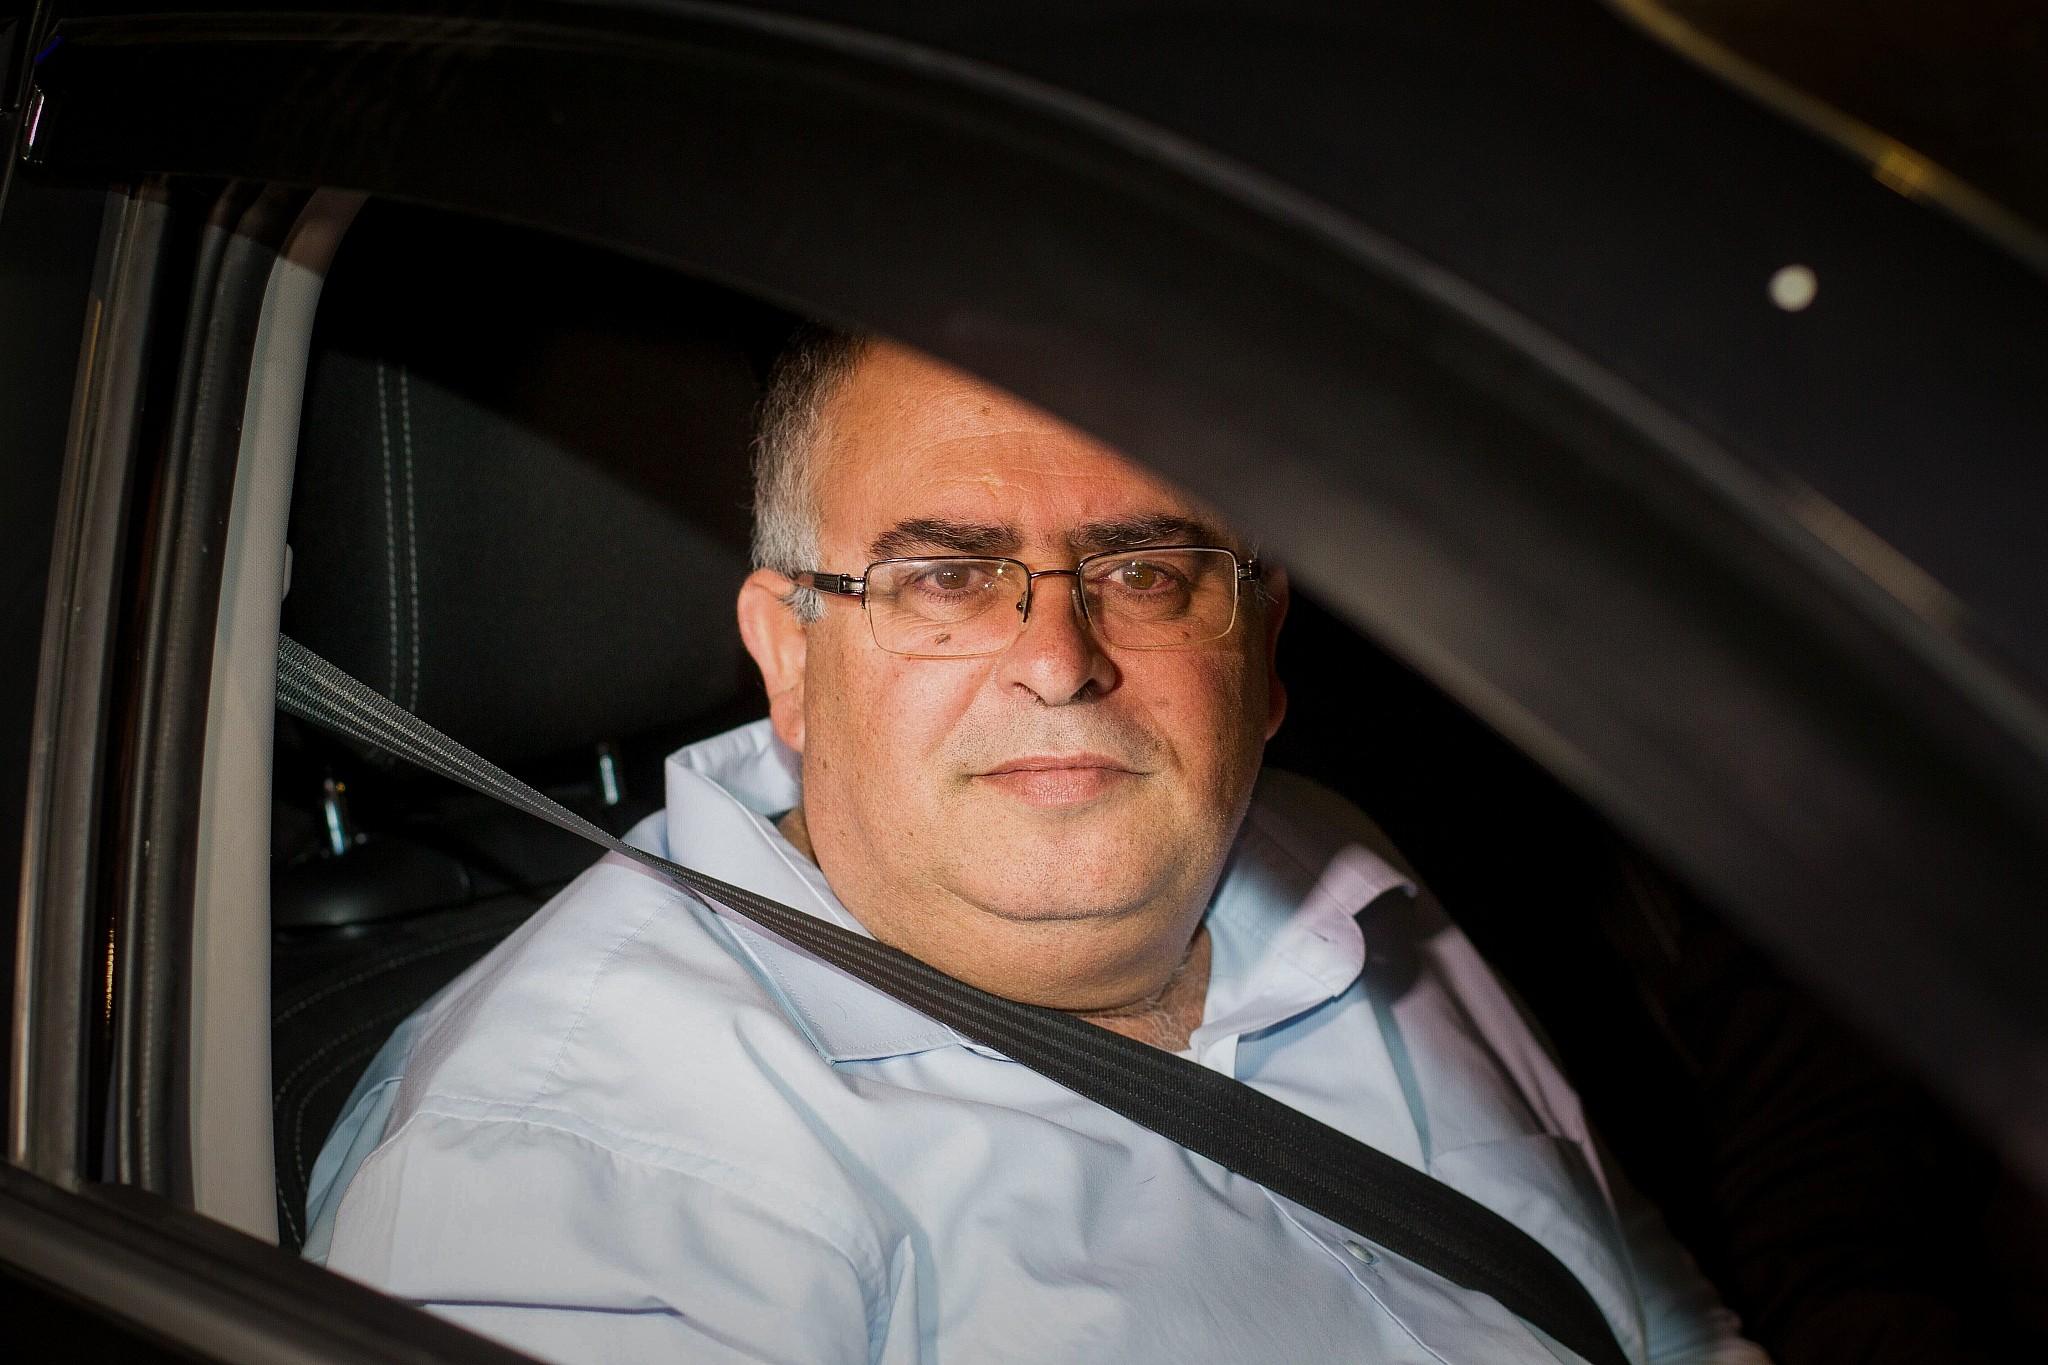 Major real estate developer arrested in sprawling investigation of